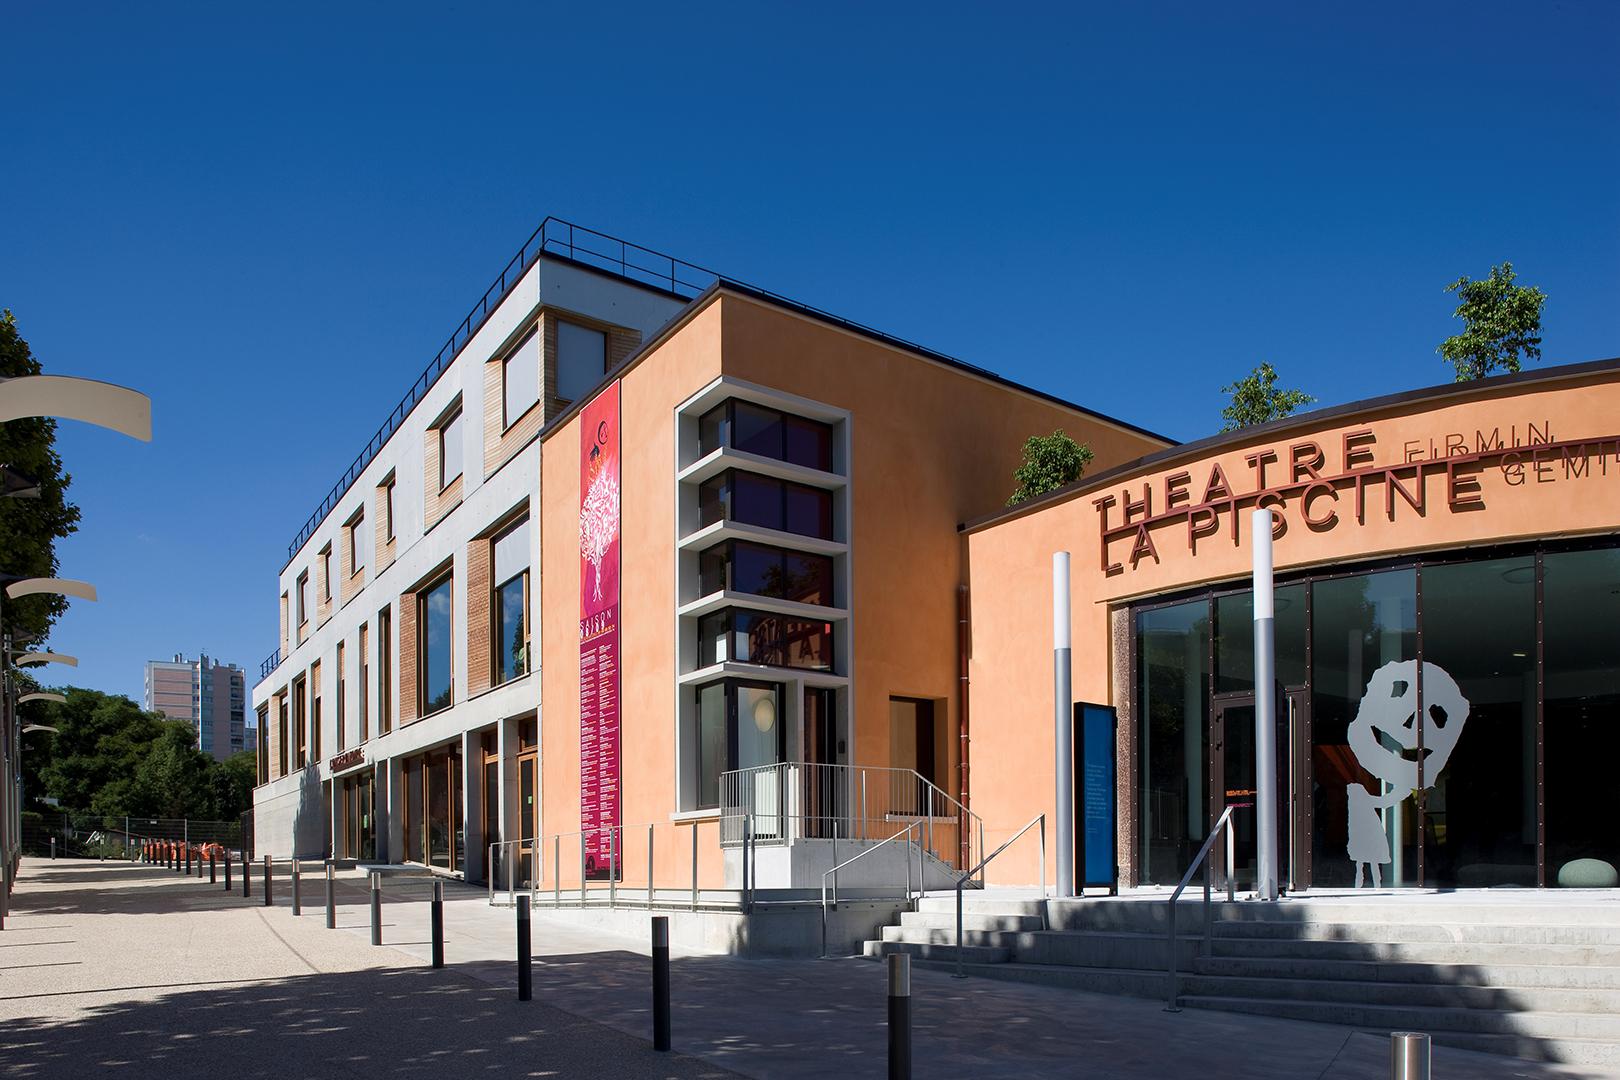 ANMA Châtenay-Malabry Théâtre et Conservatoire